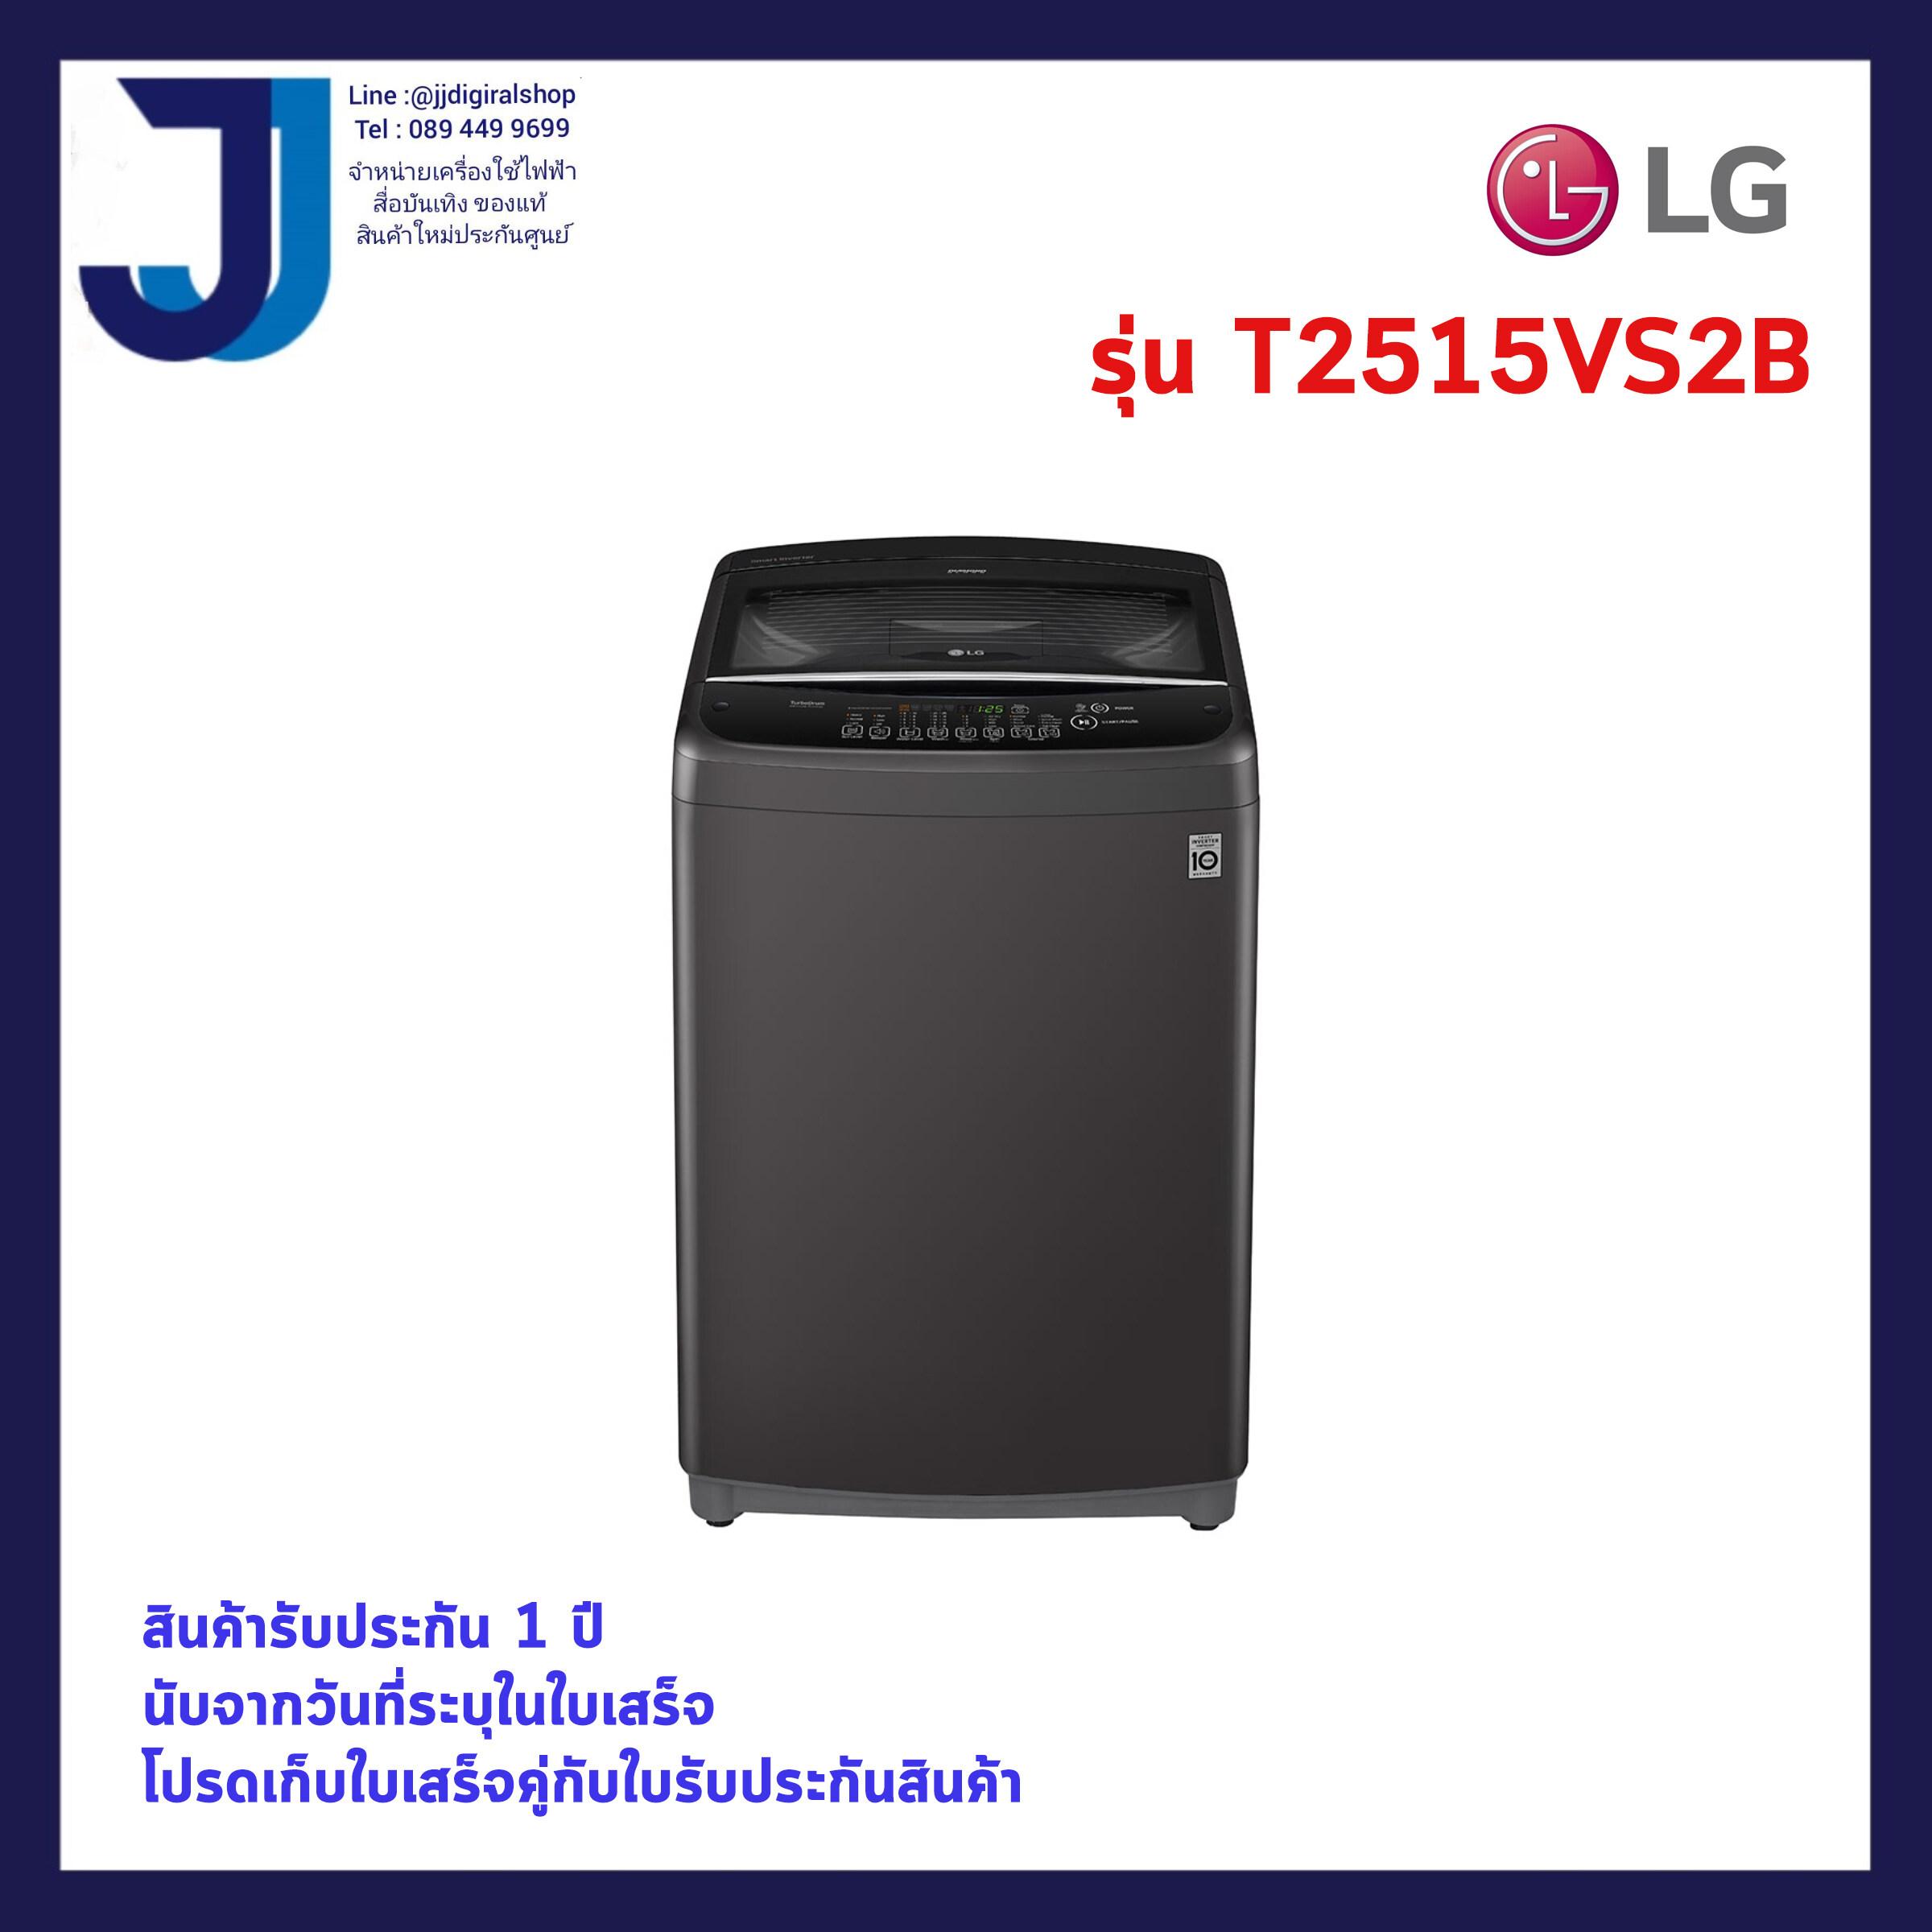 เครื่องซักผ้าฝาบน LG รุ่น T2515VS2B 15 กก.INVERTER